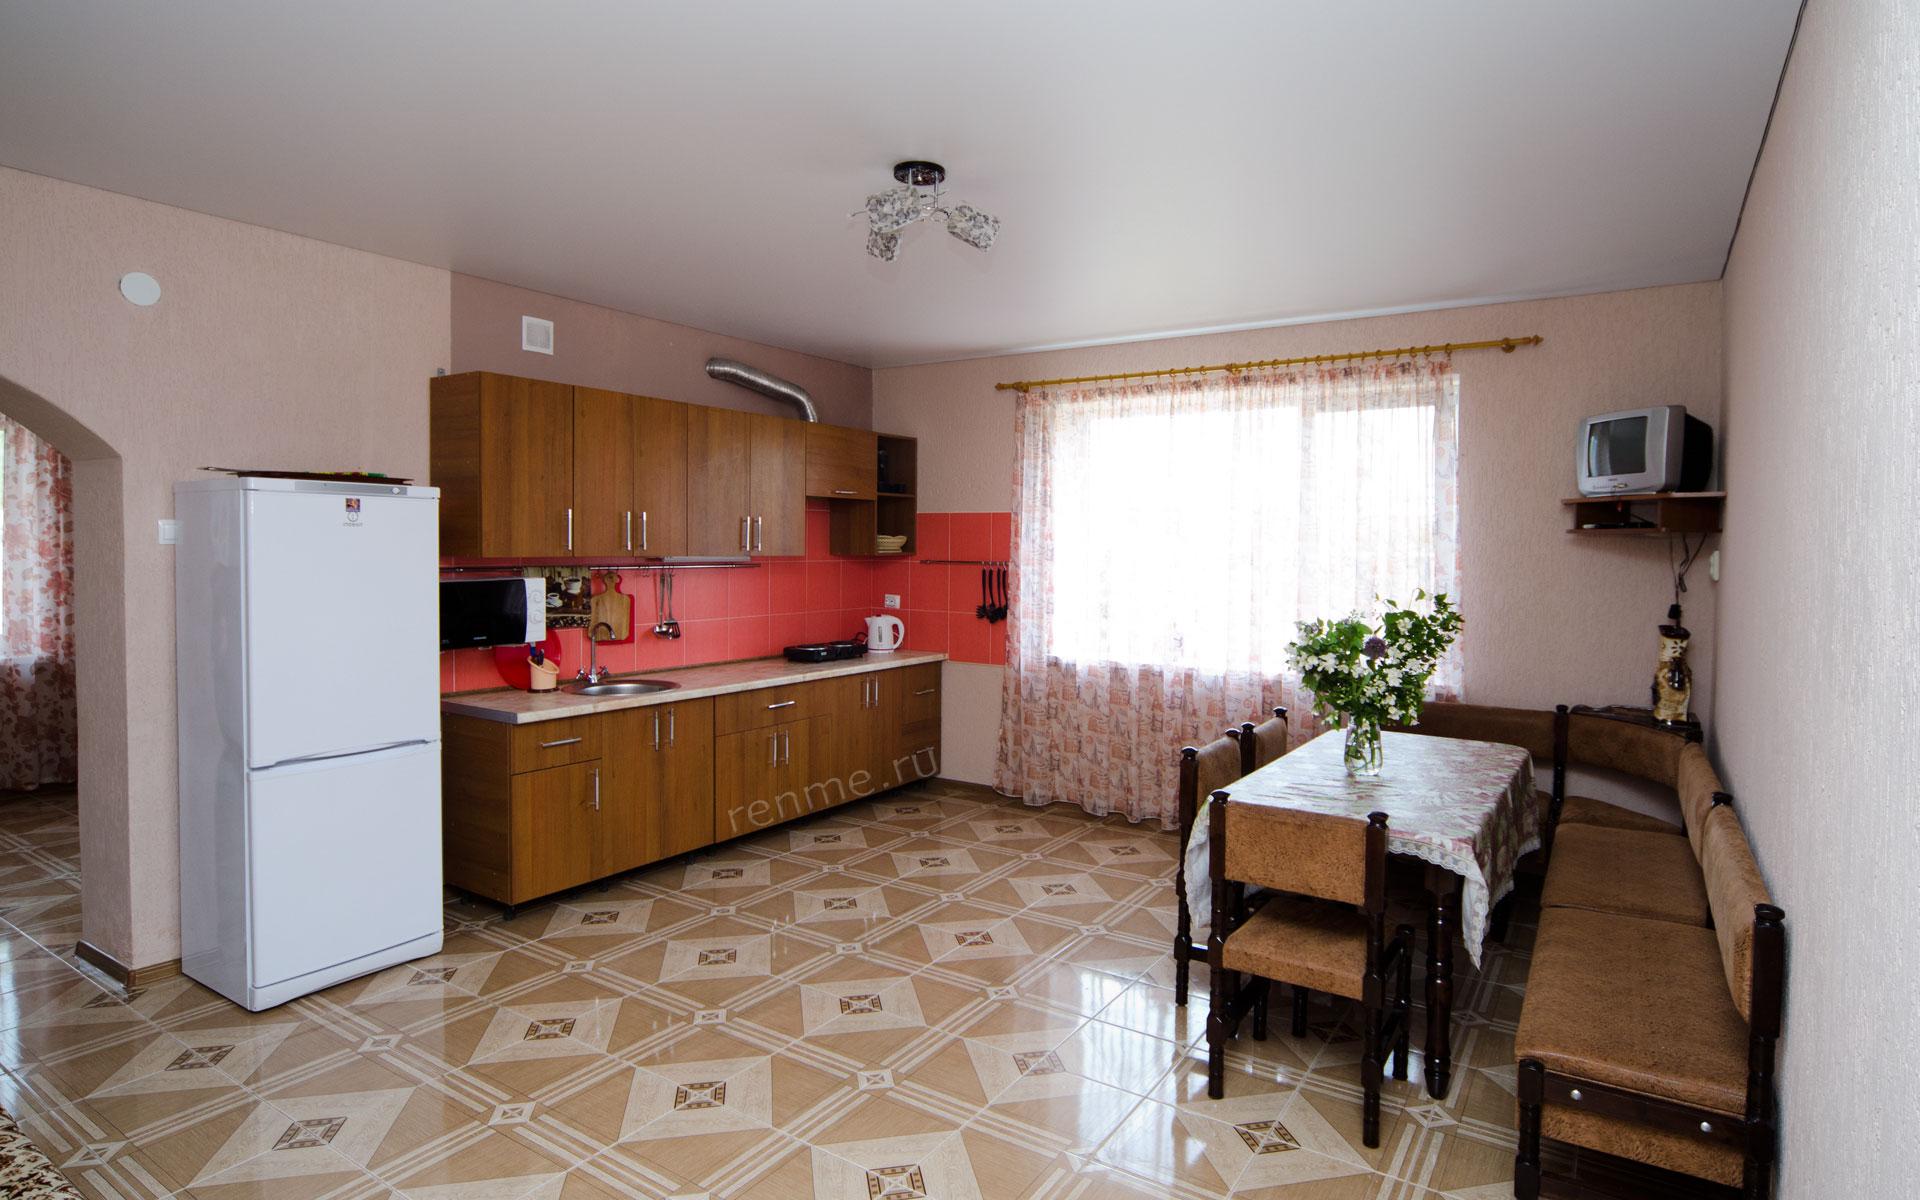 Кухня-студия. Двухкомнатная квартира-студия на первом этаже. Апарт-отель на ул. Гайдара. Заозёрное